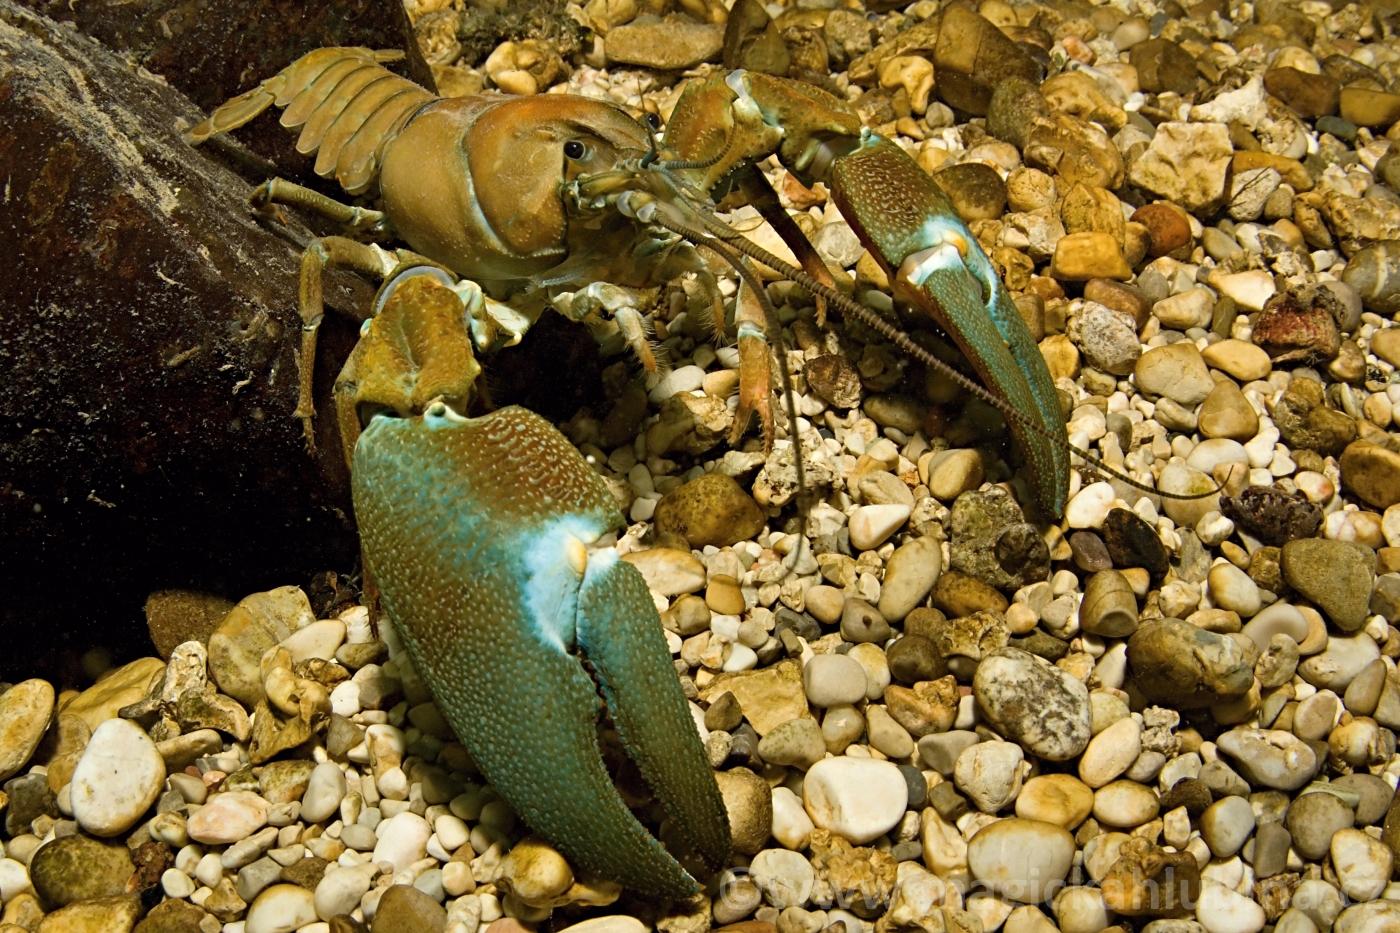 Pacifastacus_leniusculus_-_Signal_Crayfish